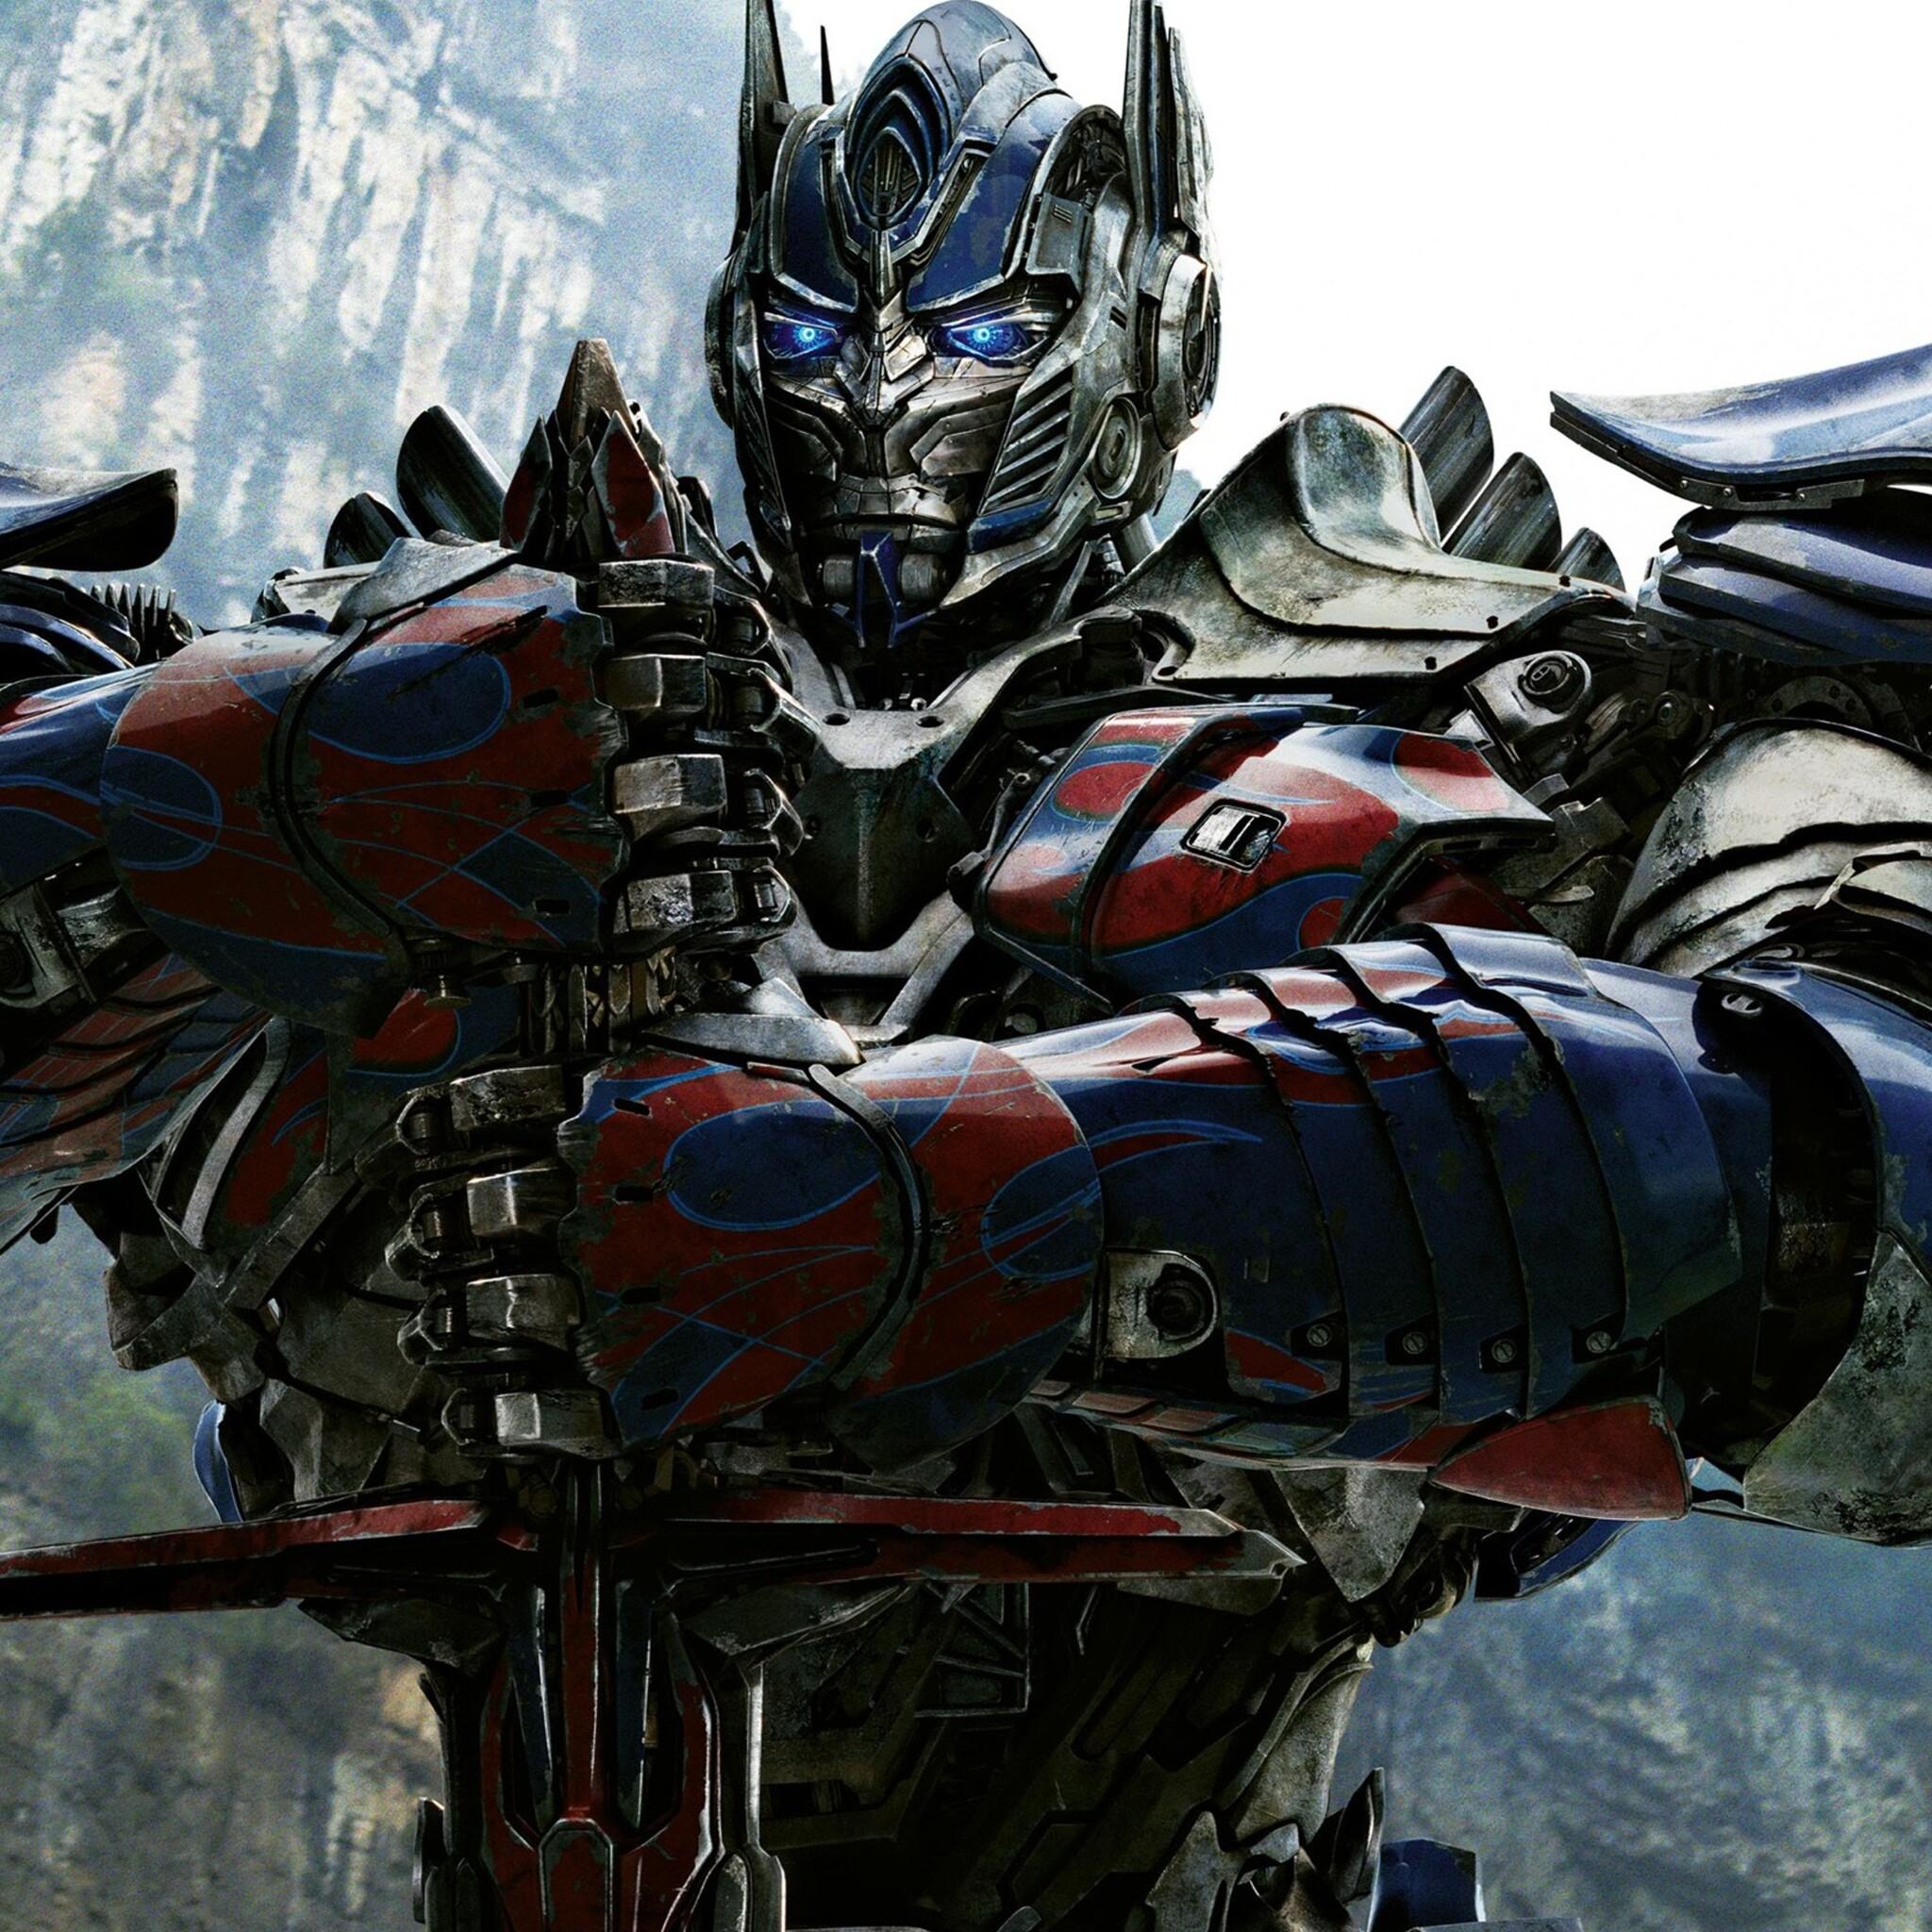 Optimus Prime Wallpaper Hd: 2048x2048 Optimus Prime In Transformers 4 Ipad Air HD 4k